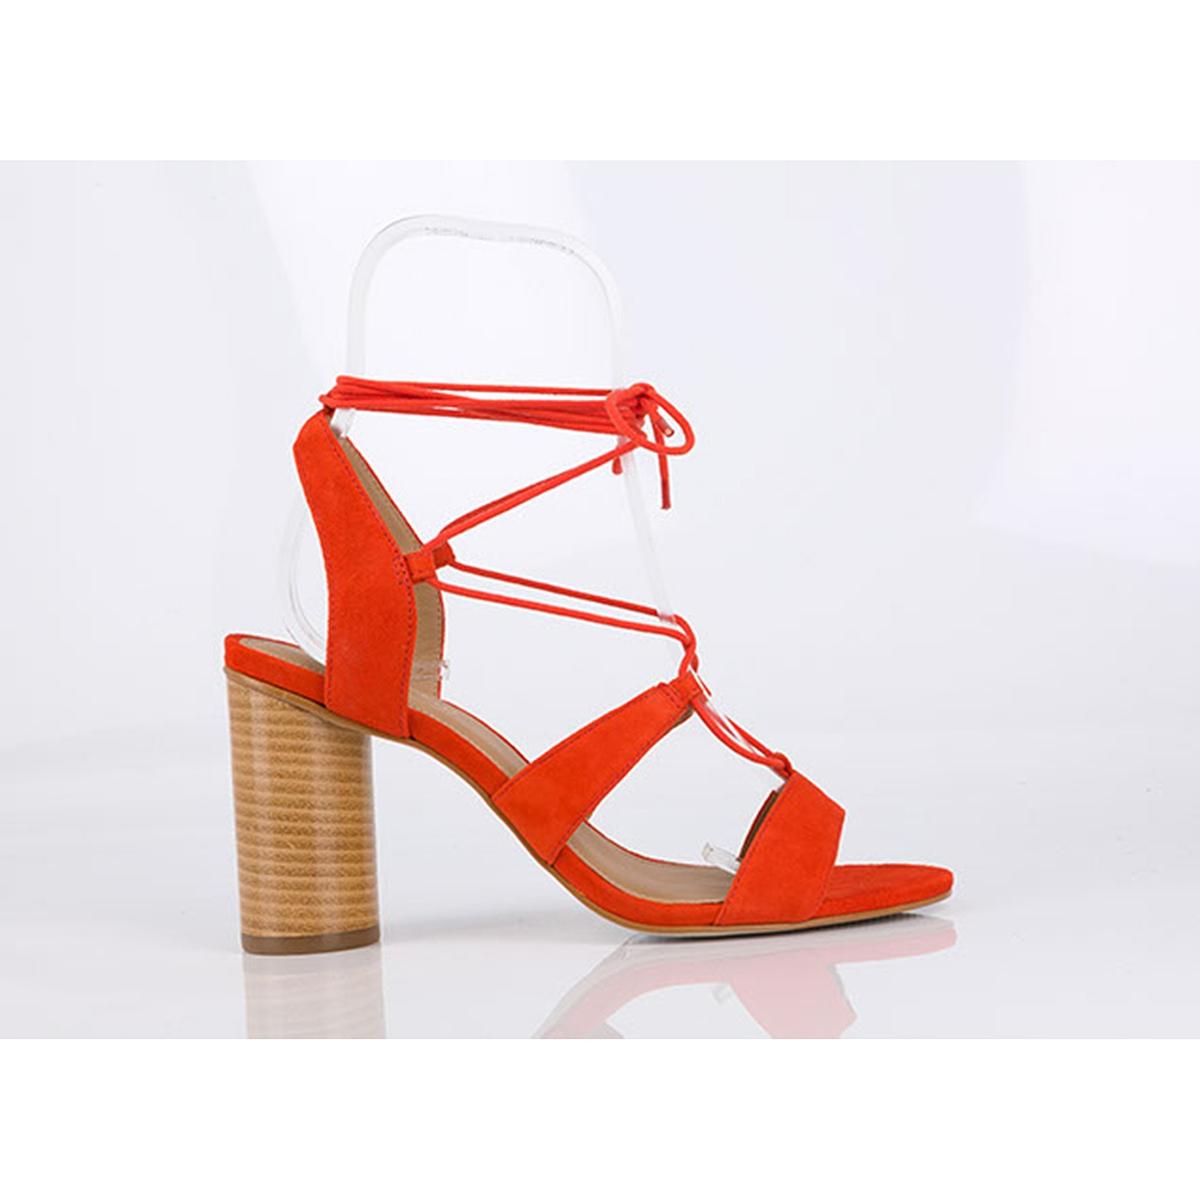 Босоножки кожаные BruneВерх/Голенище : кожа.    Подкладка : кожа.    Стелька : кожа.    Подошва : синтетика    Высота каблука : 9,5 см    Форма каблука : тонкий каблук    Мысок : закругленный    Застежка : завязки.<br><br>Цвет: оранжевый<br>Размер: 39